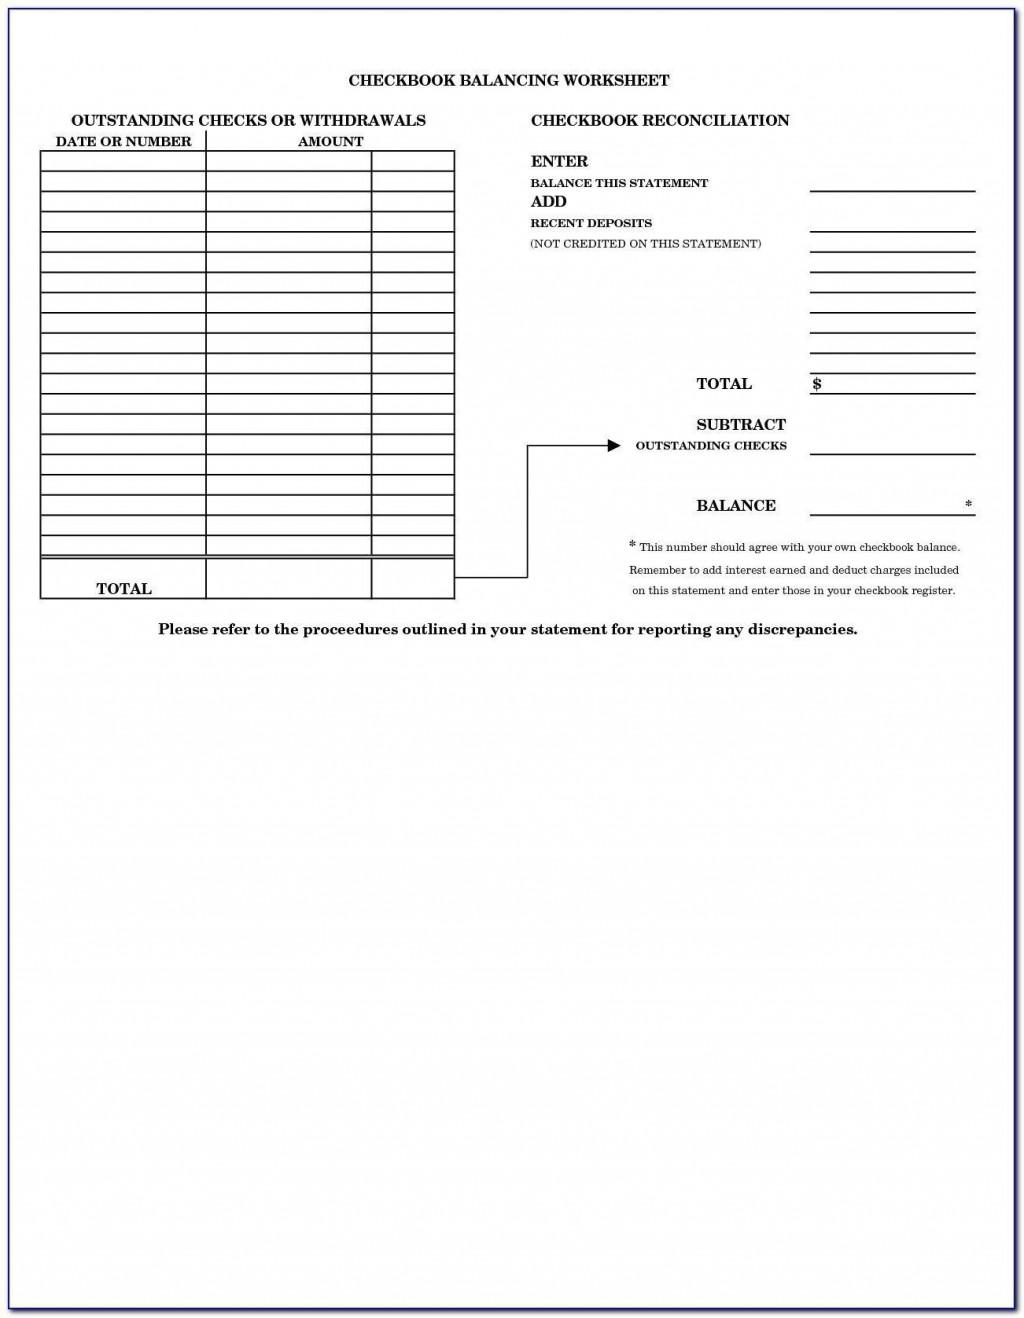 003 Impressive Checkbook Register Template Excel 2013 High Definition Large